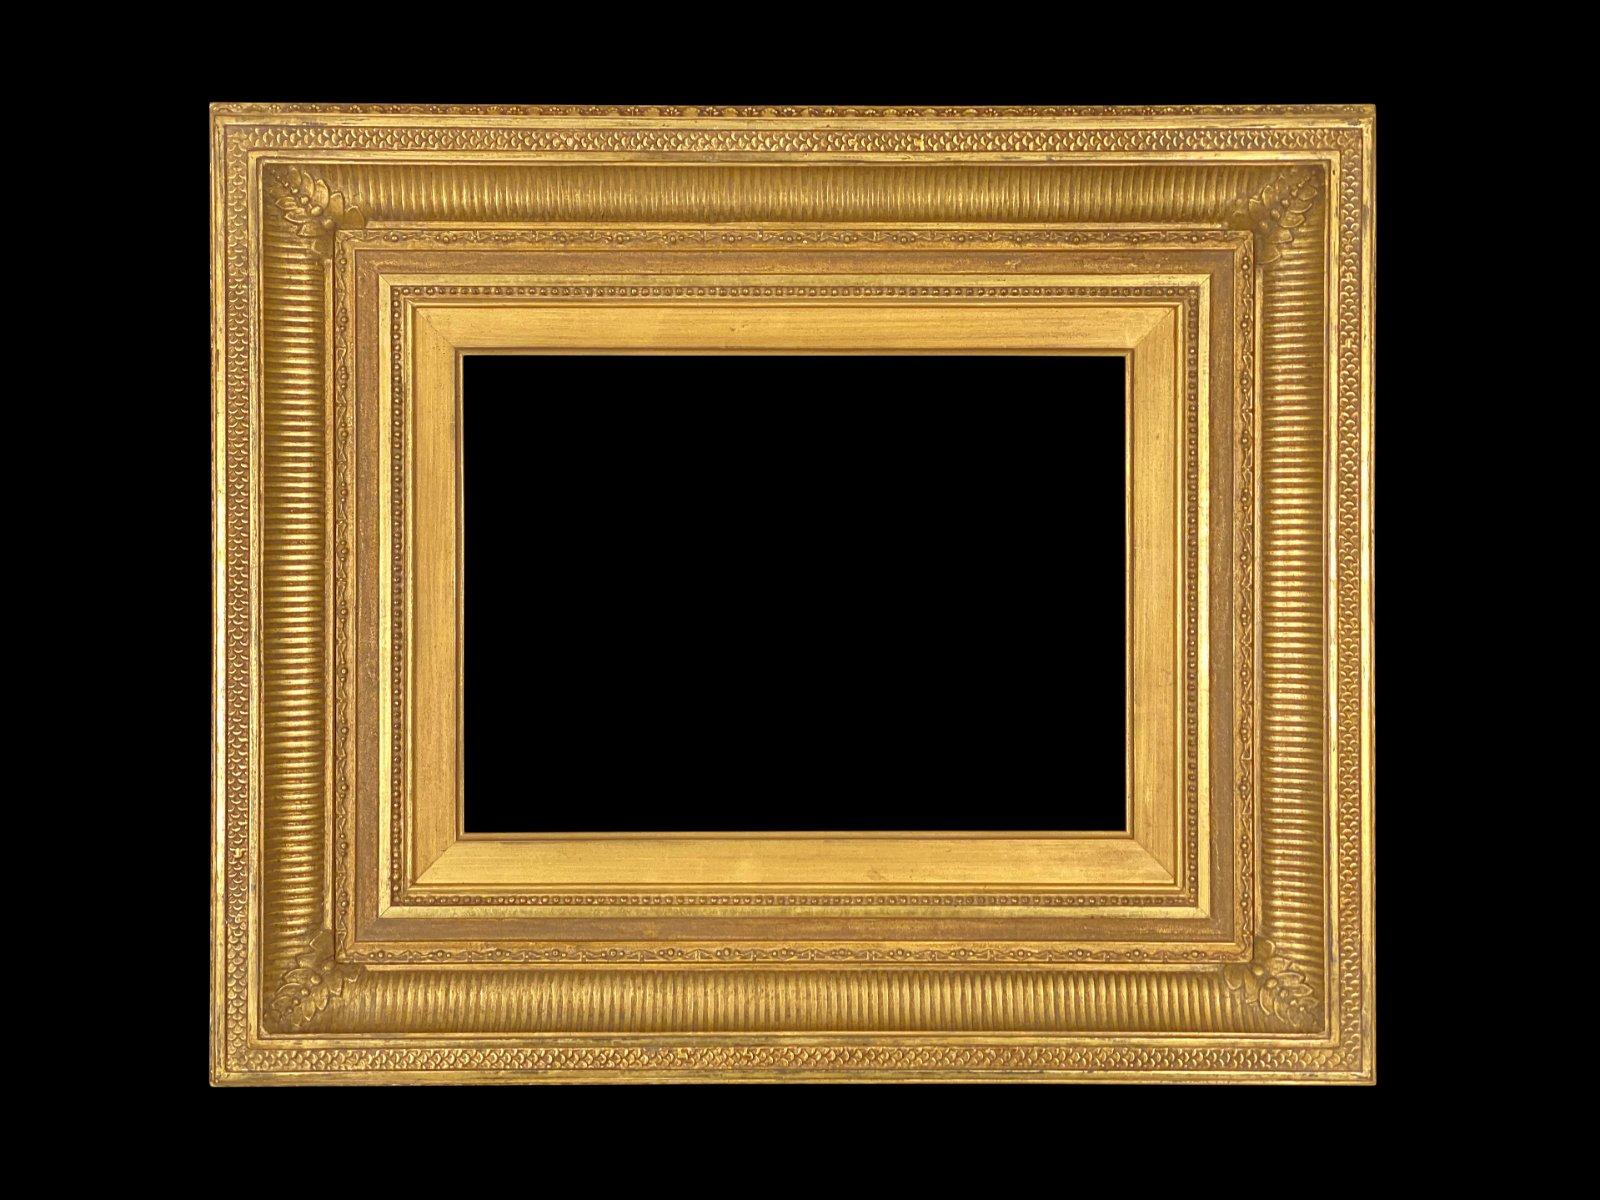 Eli Wilner Frame, c. 1870 Style Ex, W. Homer